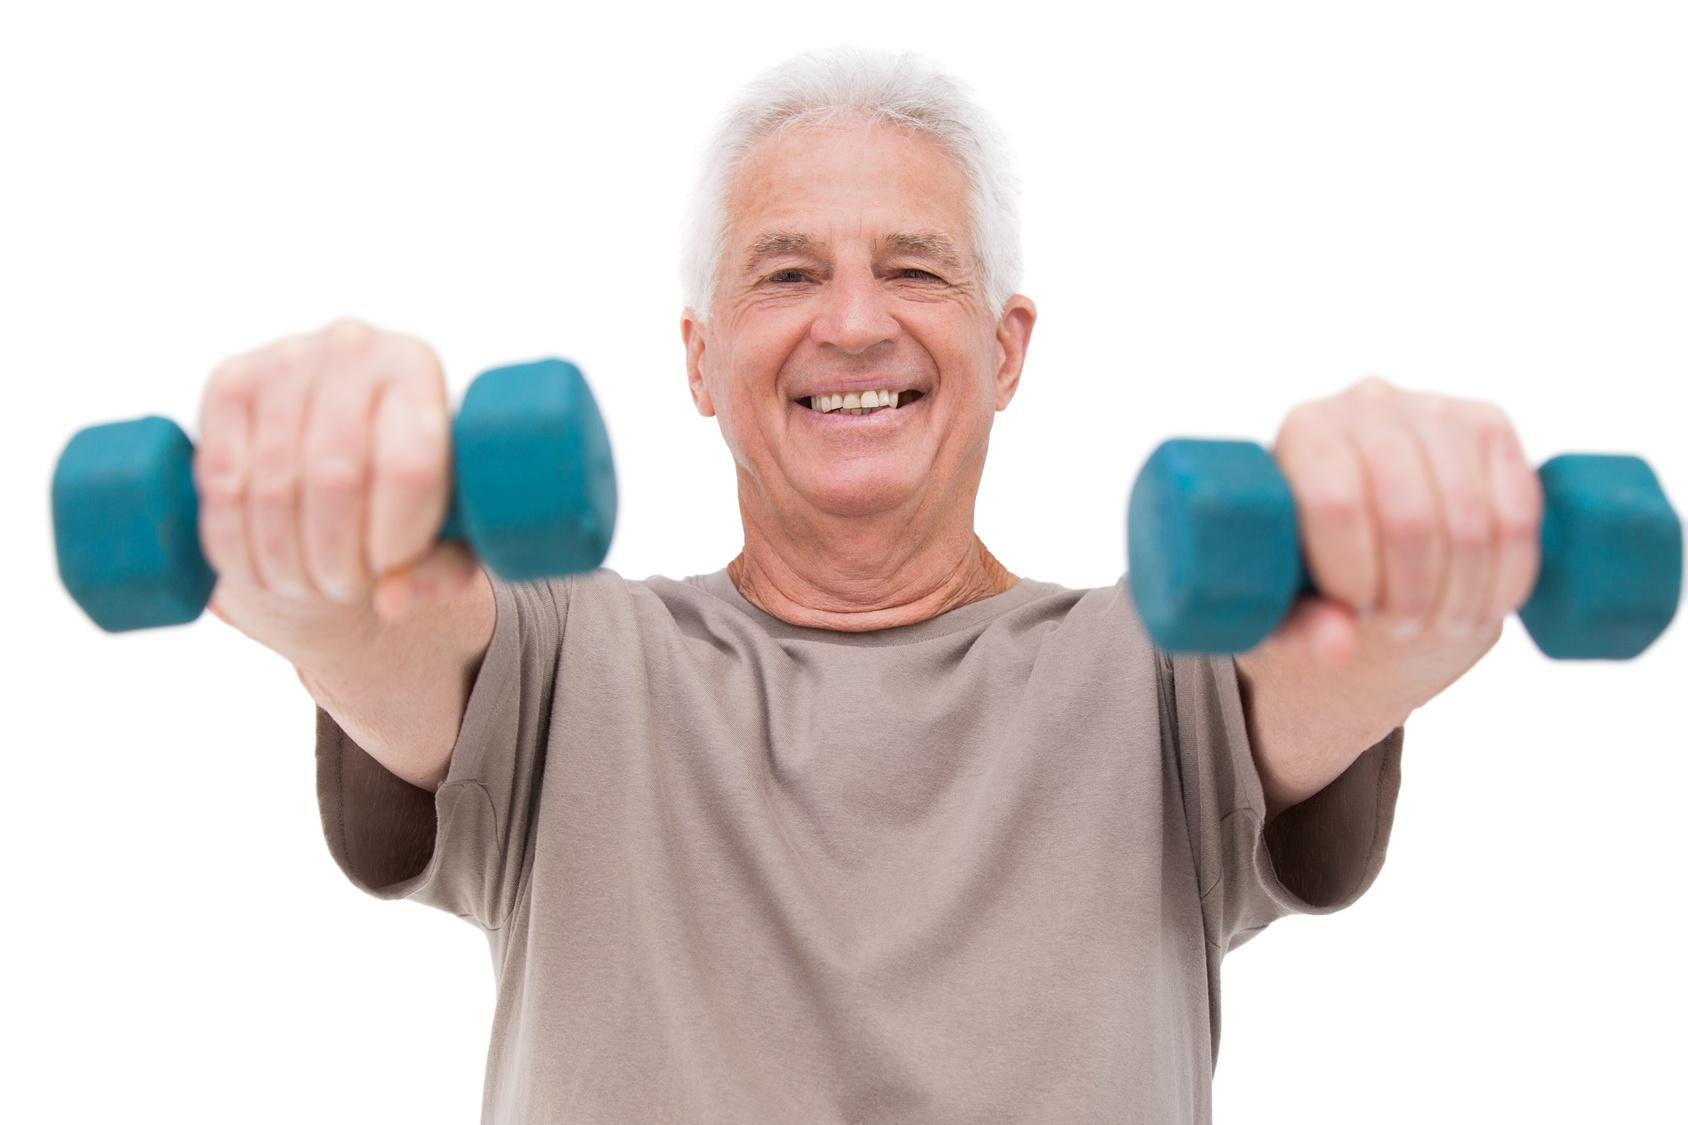 Senior man lifting hand weights